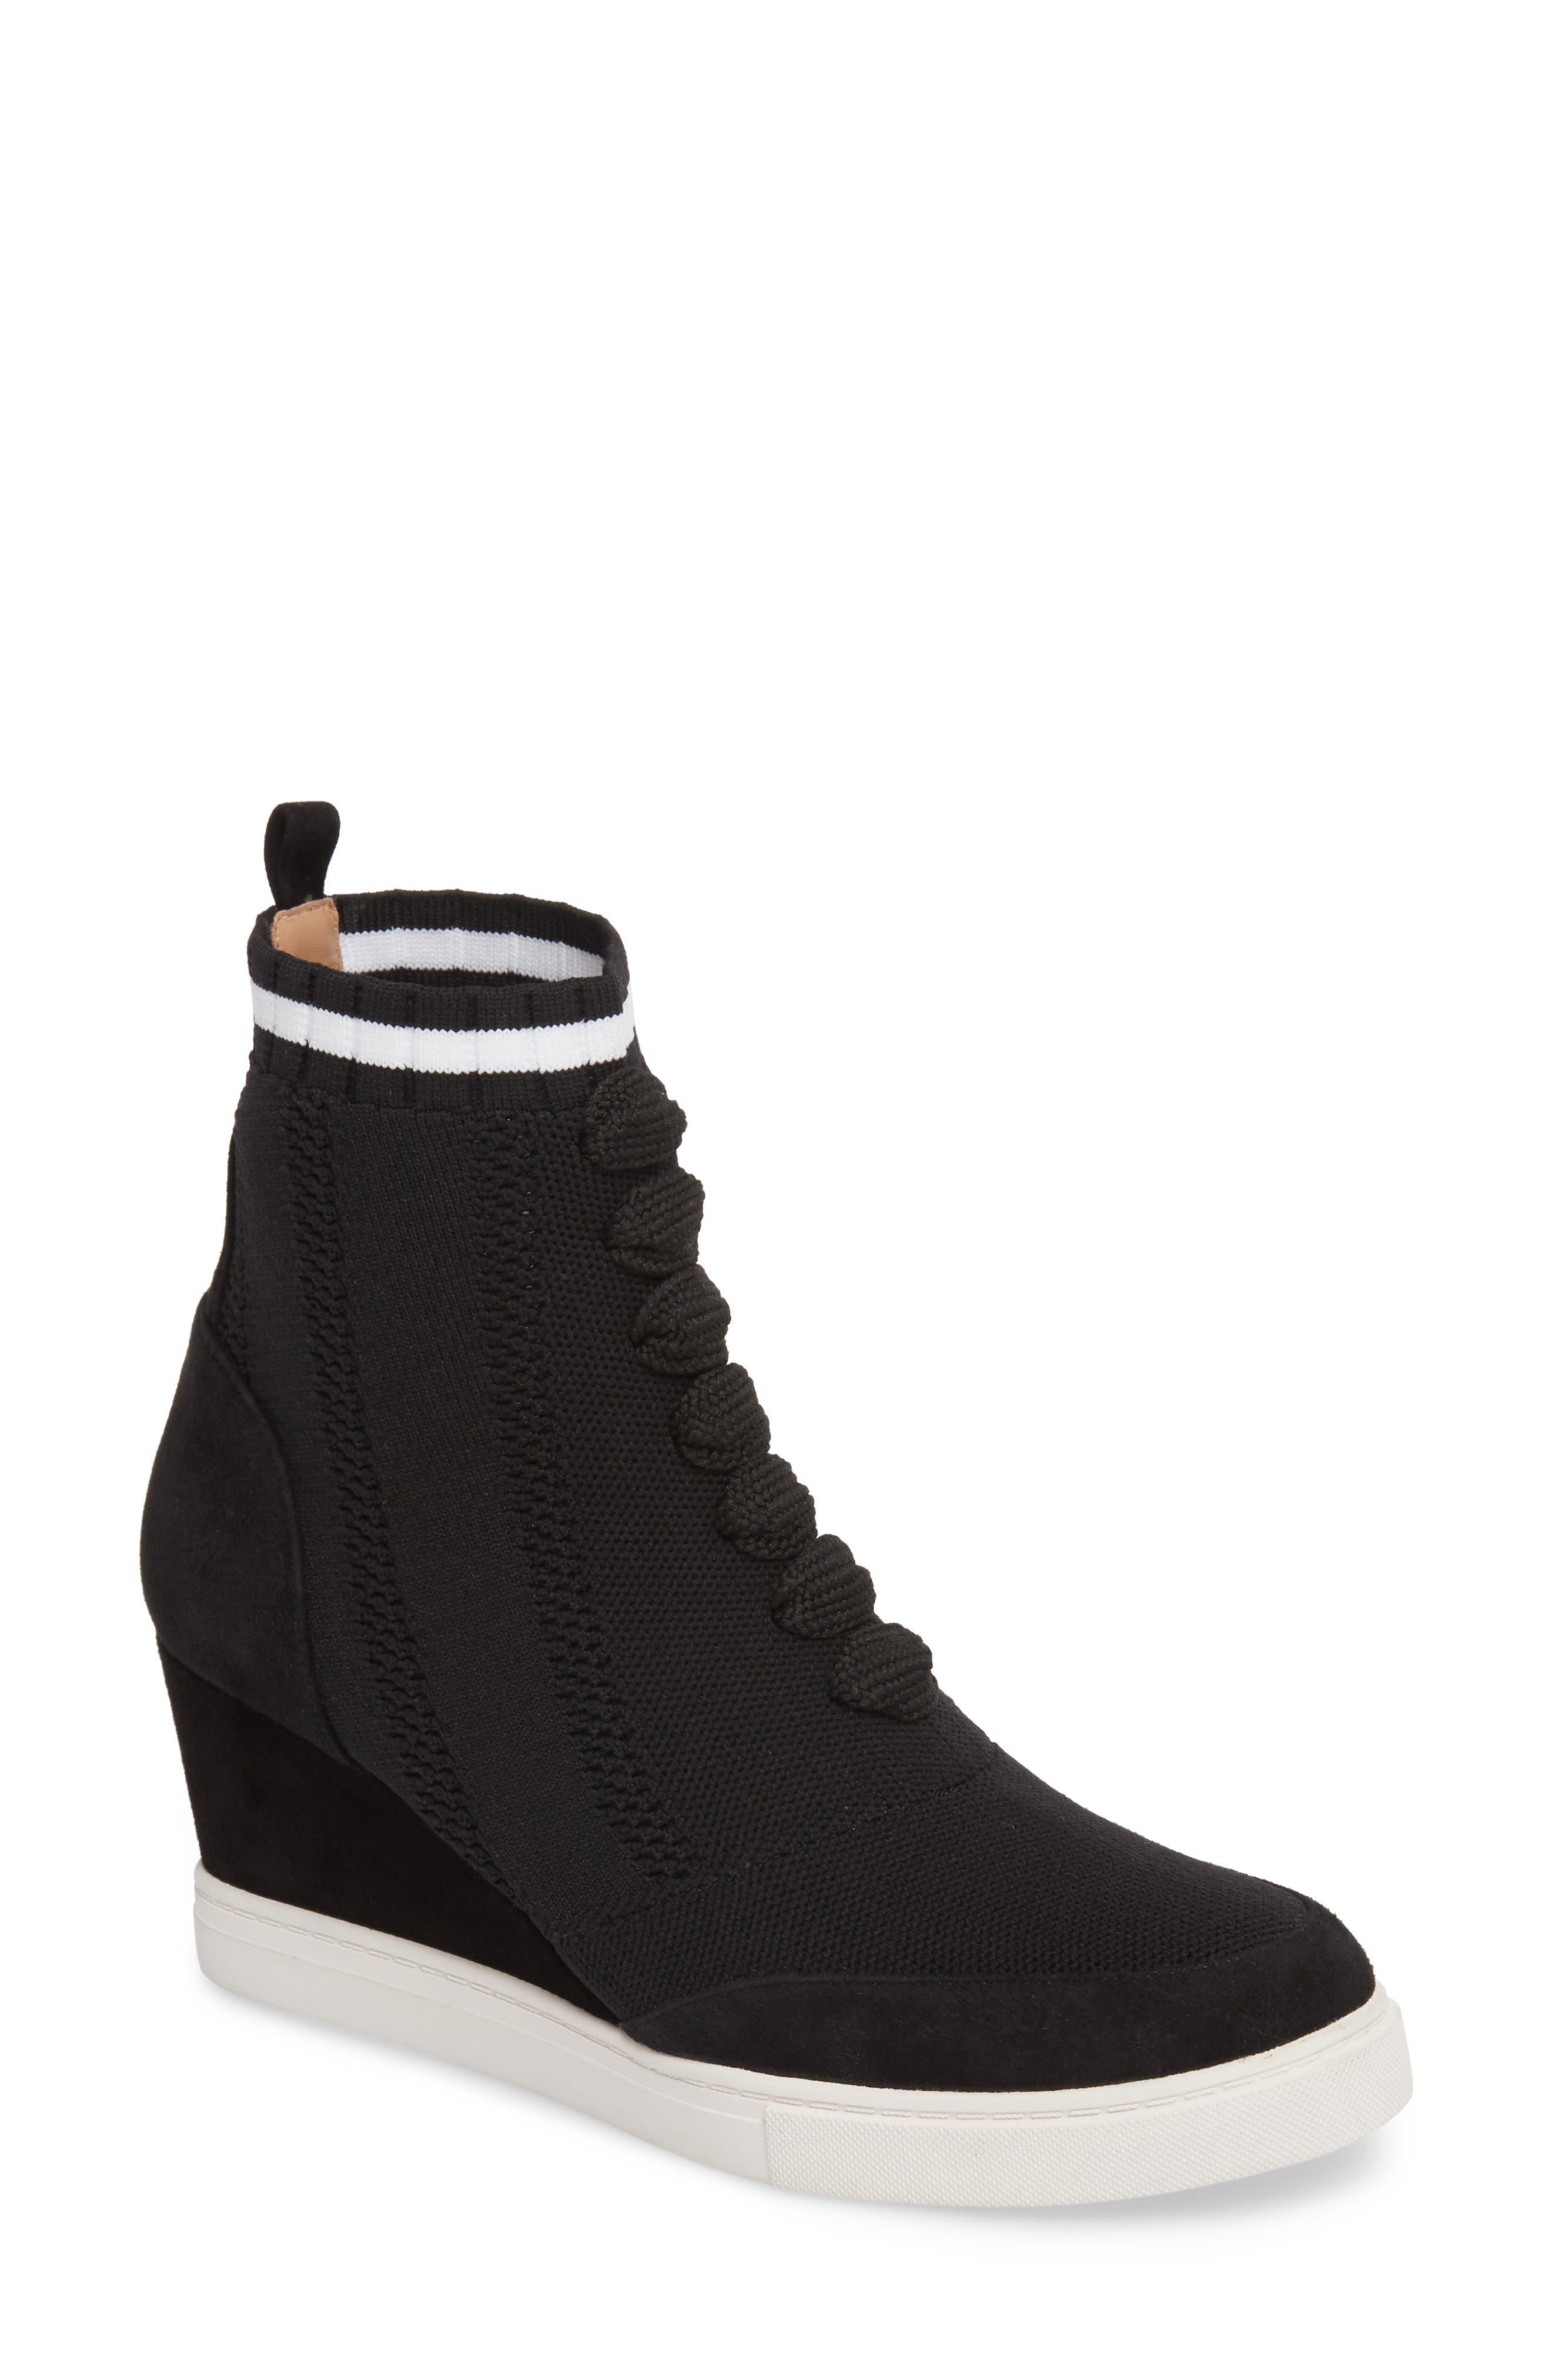 Linea Paolo Fabiana Wedge Sneaker (Women)